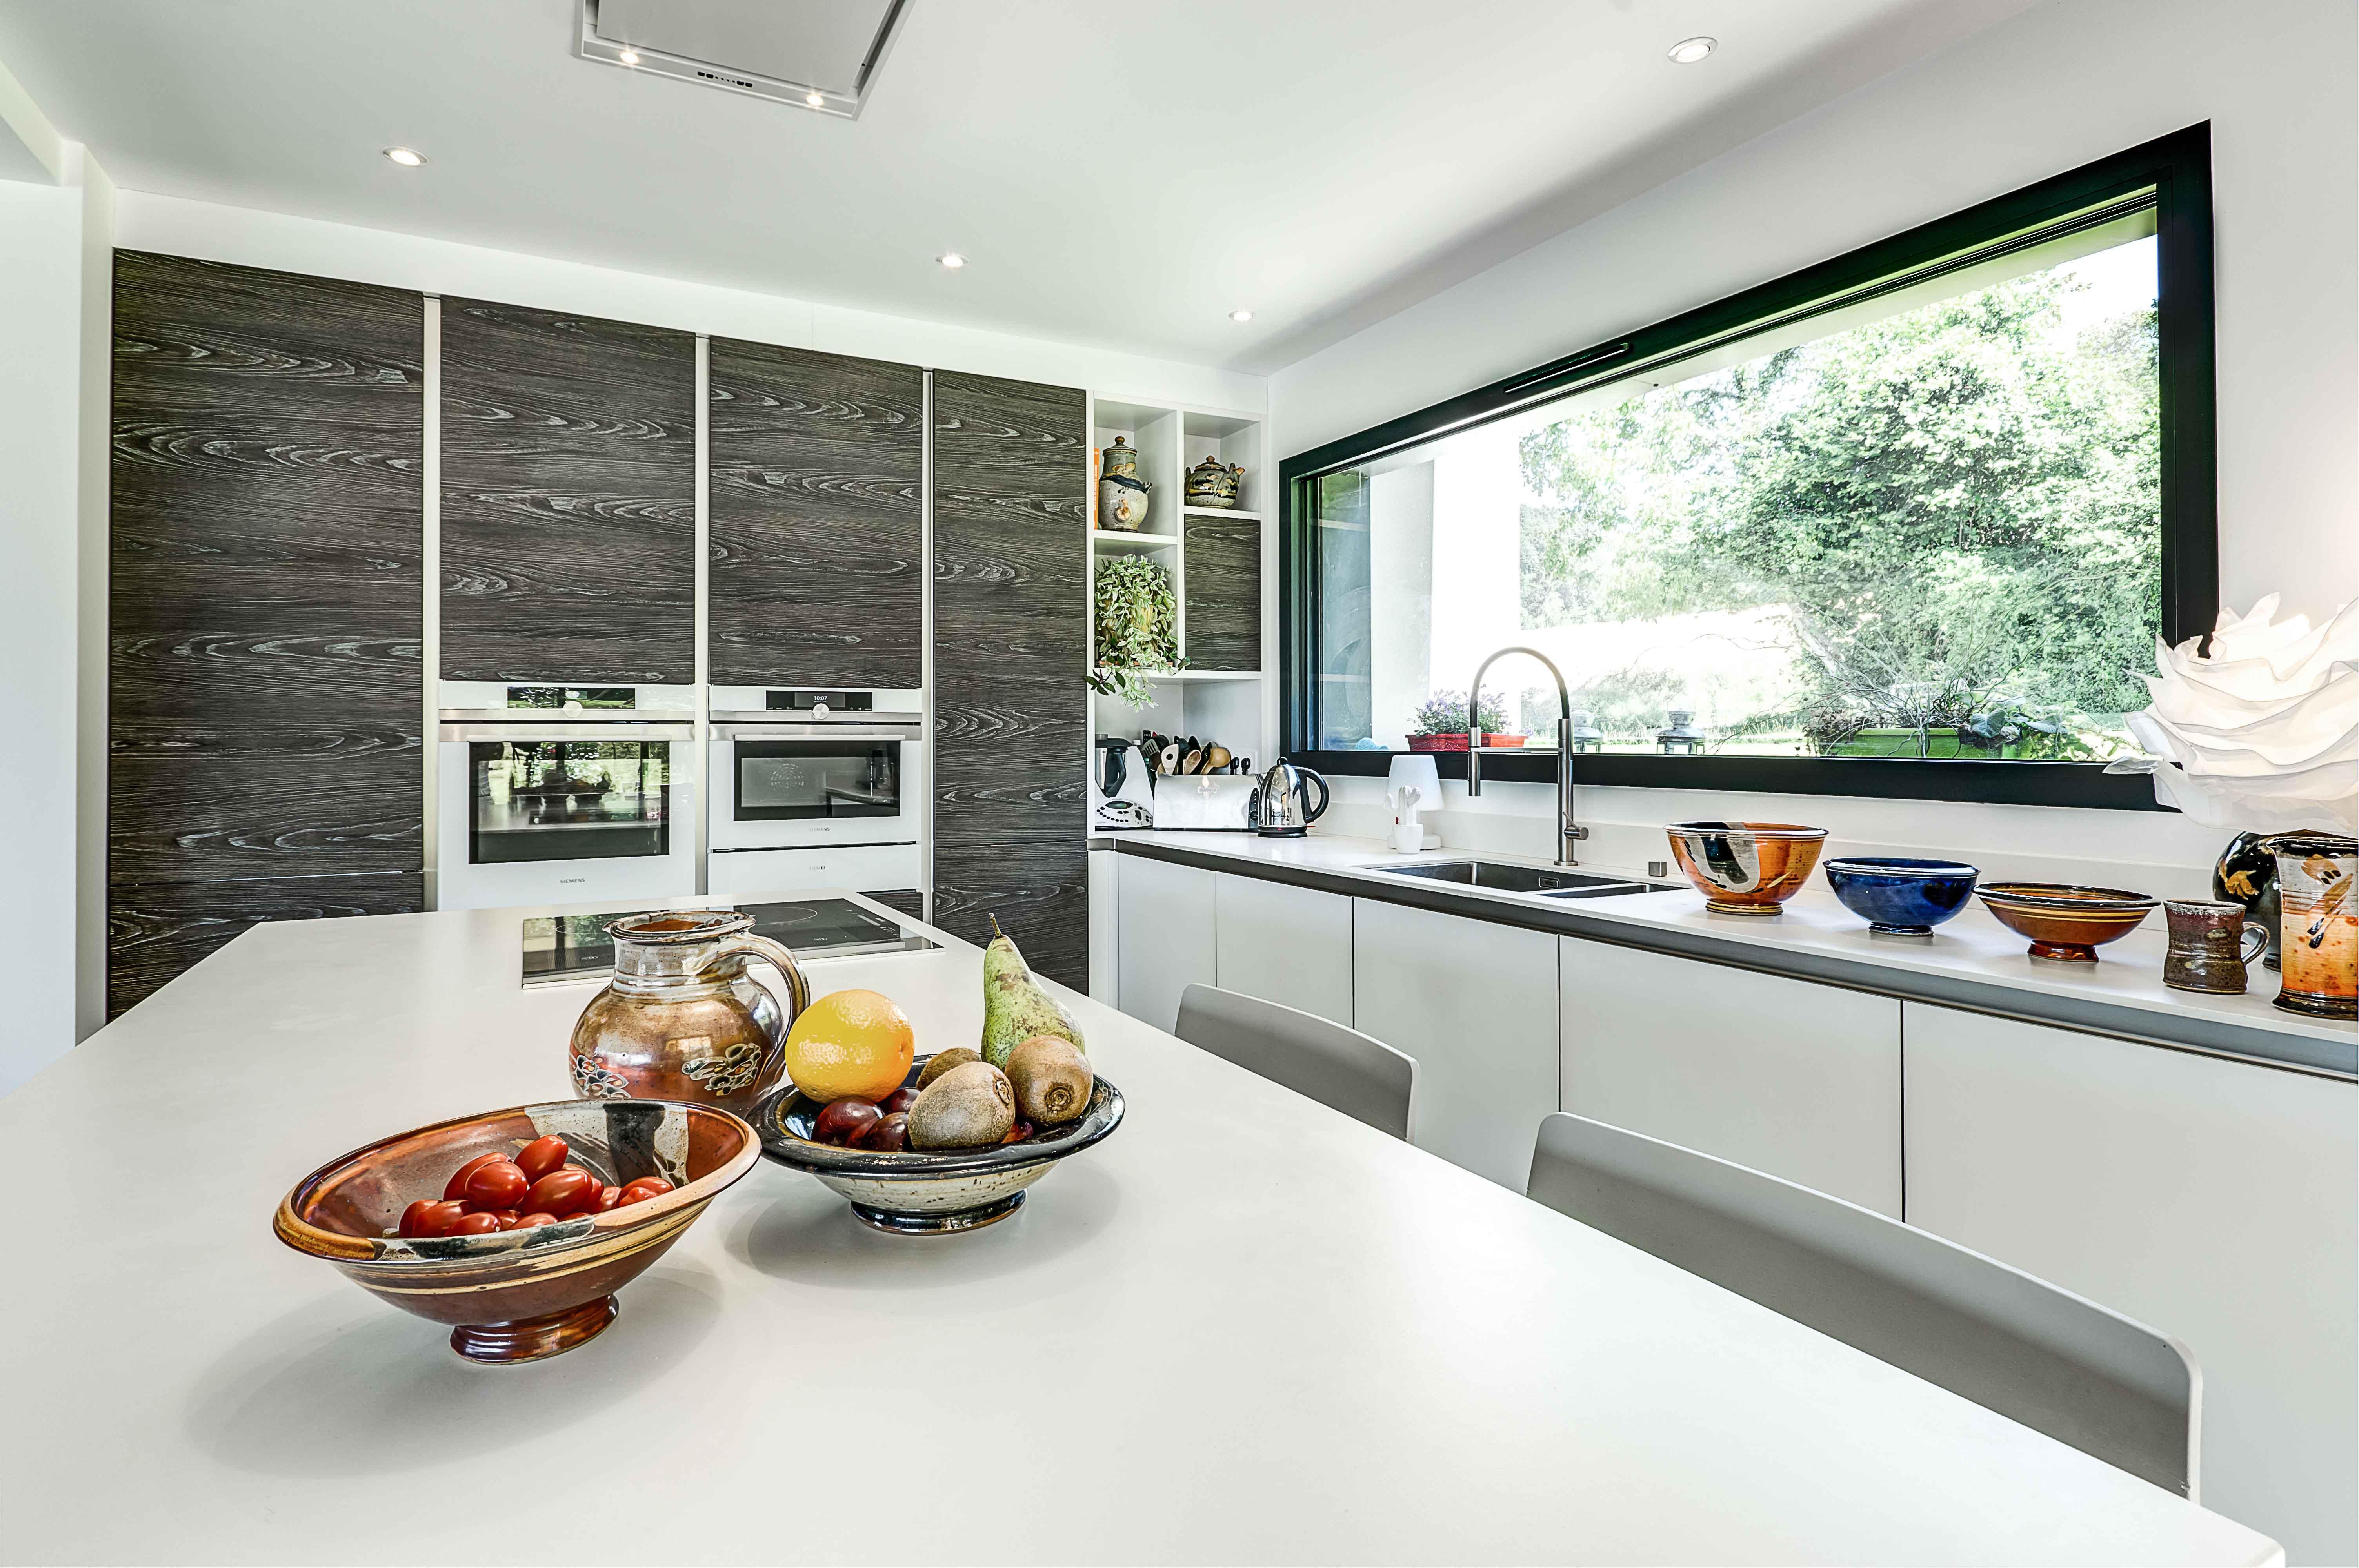 cuisine vue îlot central avec intégration électroménager haut de gamme design contemporain blanc nacré et imitation bois